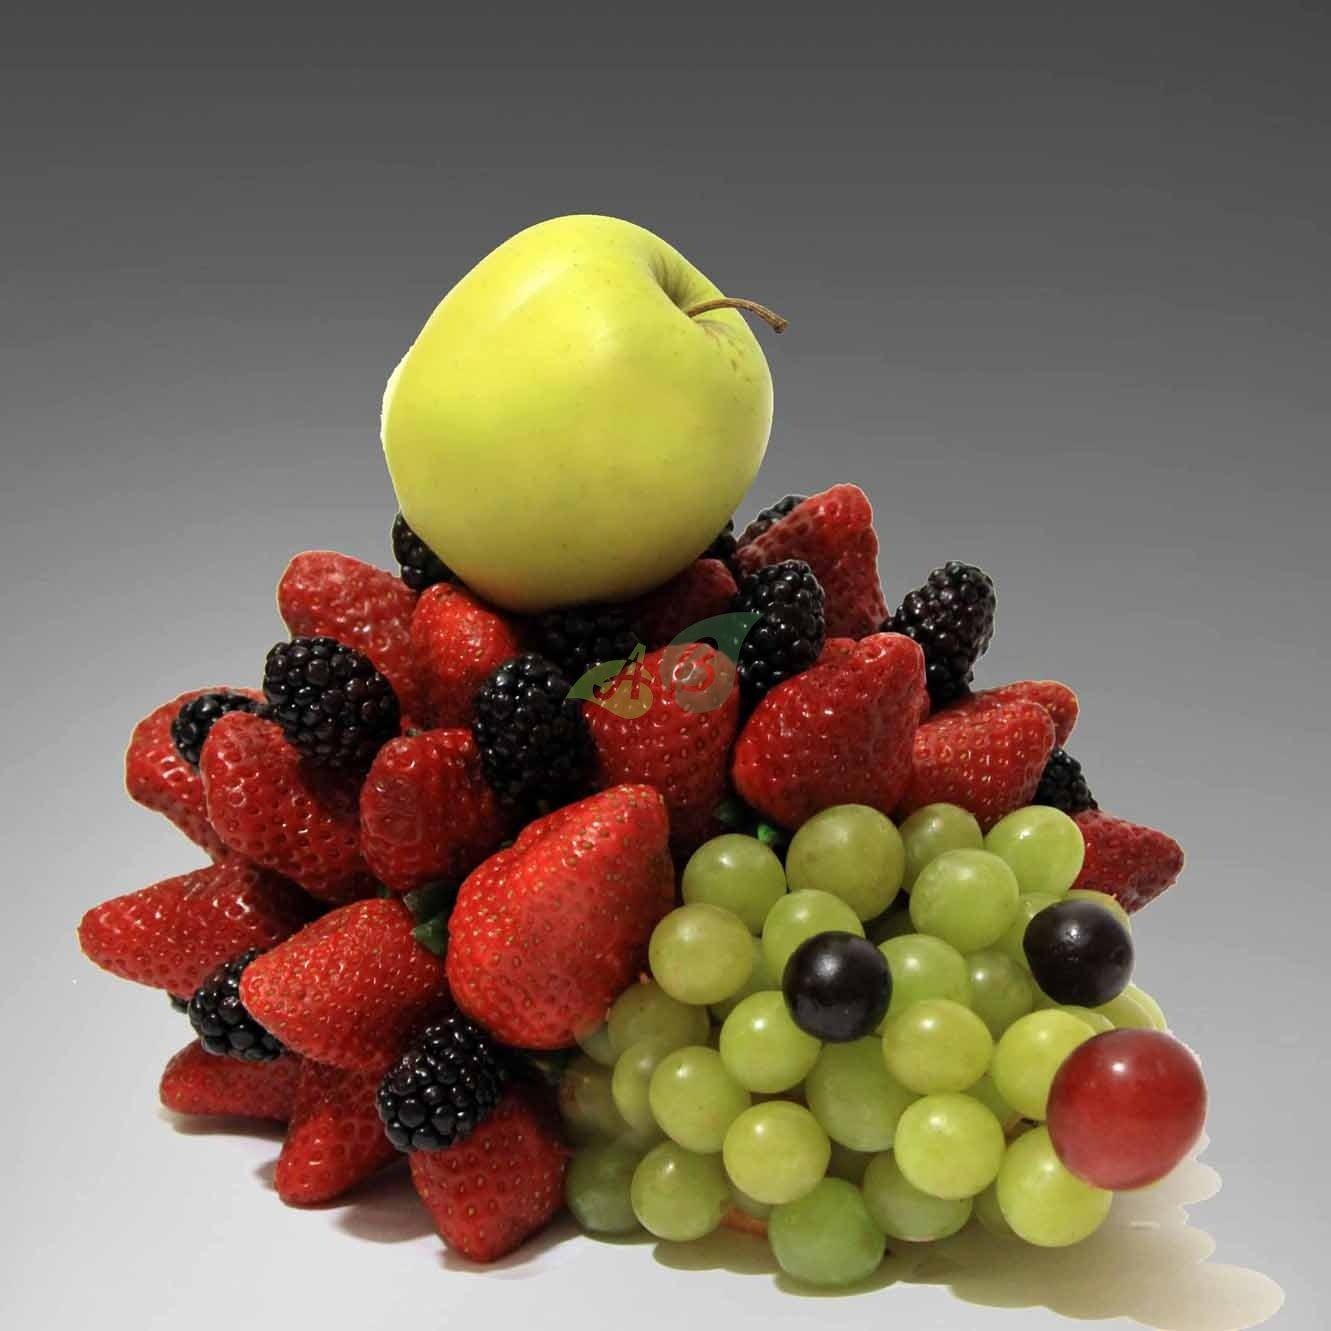 Поздравление с фруктами и овощами на день рождения 22